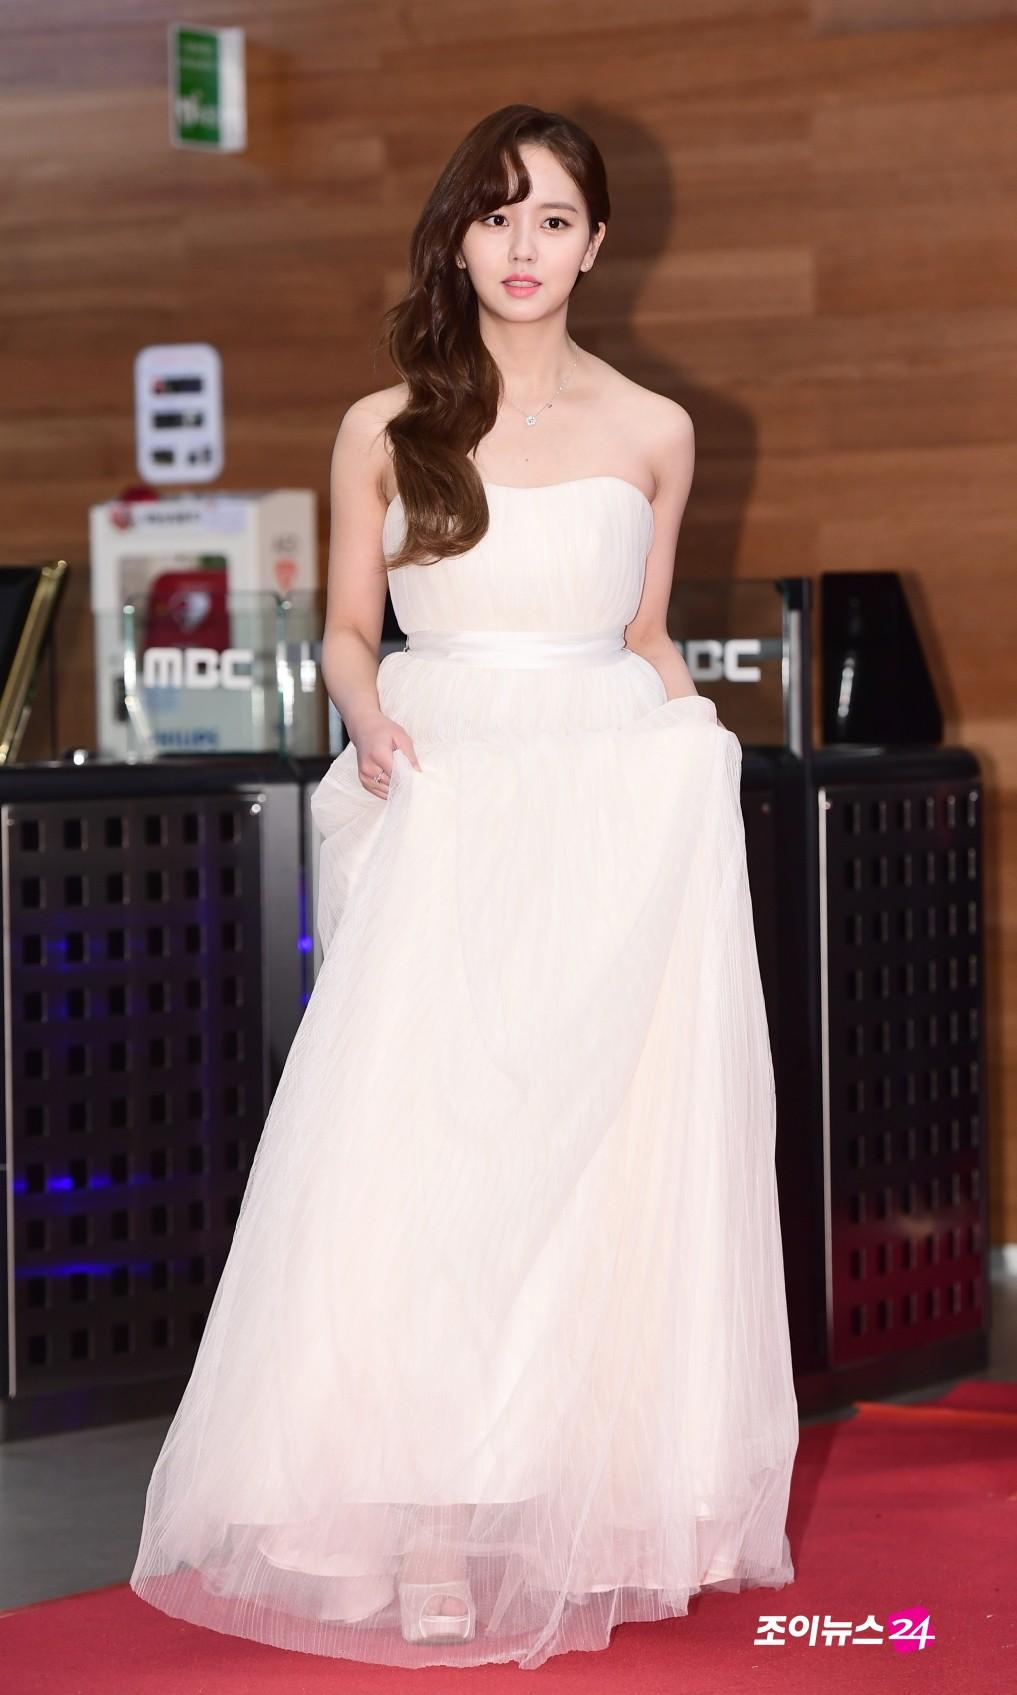 Thảm đỏ MBC Drama Awards hội tụ 30 sao khủng: Rắn độc Hyoyoung cúi người khoe ngực đồ sộ, chấp hết dàn mỹ nhân hạng A - Ảnh 7.